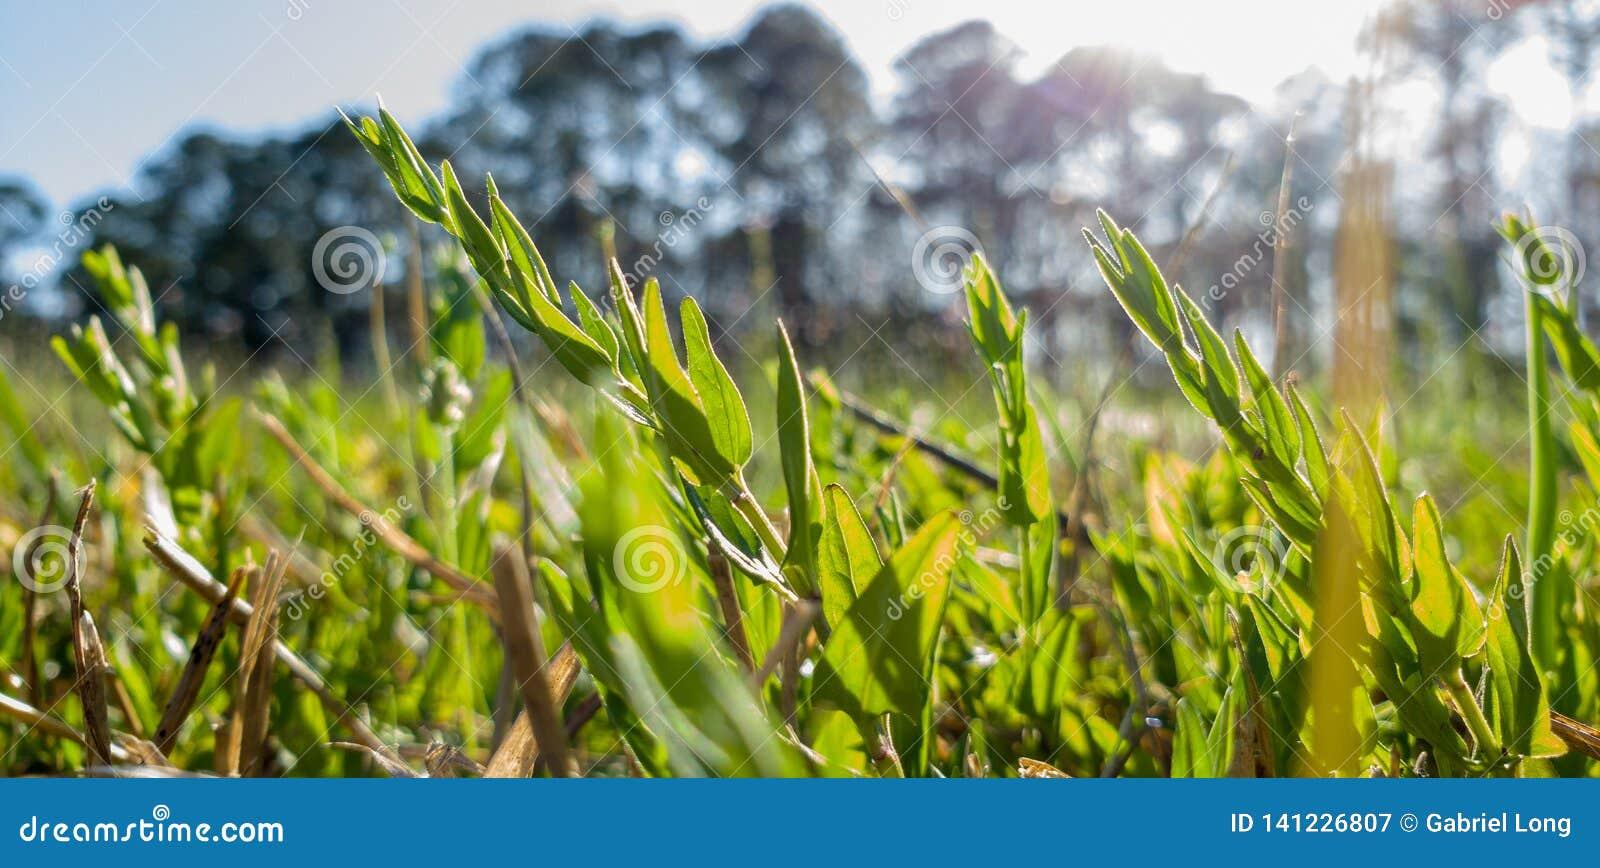 Doordringende Zon in een Weide van Gras en Bloemen